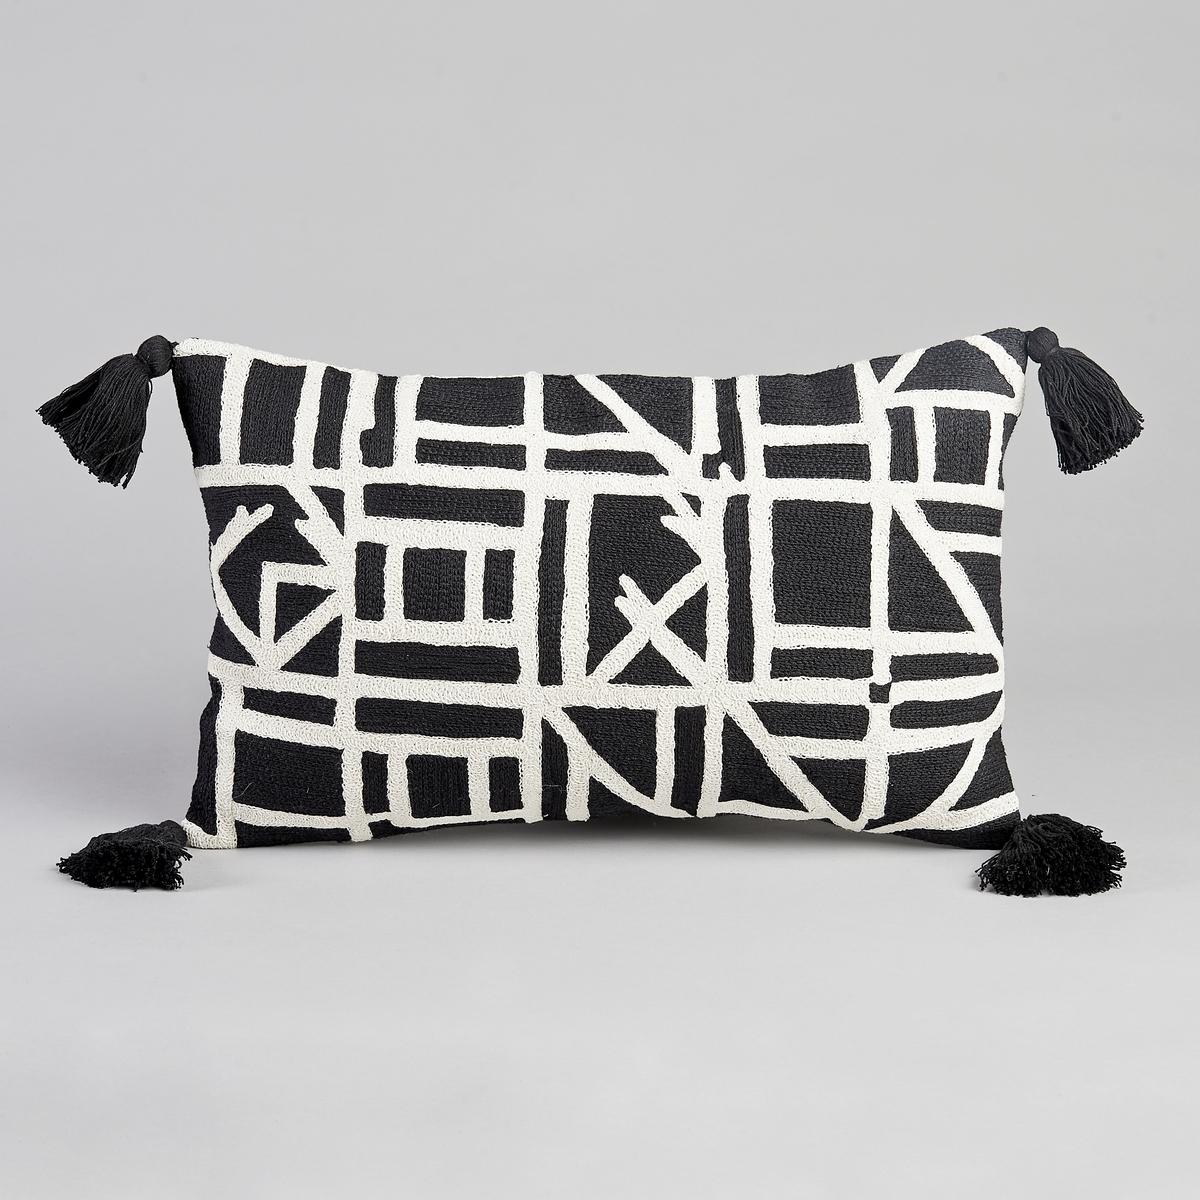 Чехол для подушки AstiusЧехол для подушки Astius. Черно-белый рисунок. 100% хлопок с вышивкой из 100% акрила. 4 помпона. Скрытая застежка на молнию. Размеры. : 50 x 30 см. Подушка продается на сайте отдельно.<br><br>Цвет: черный/ белый